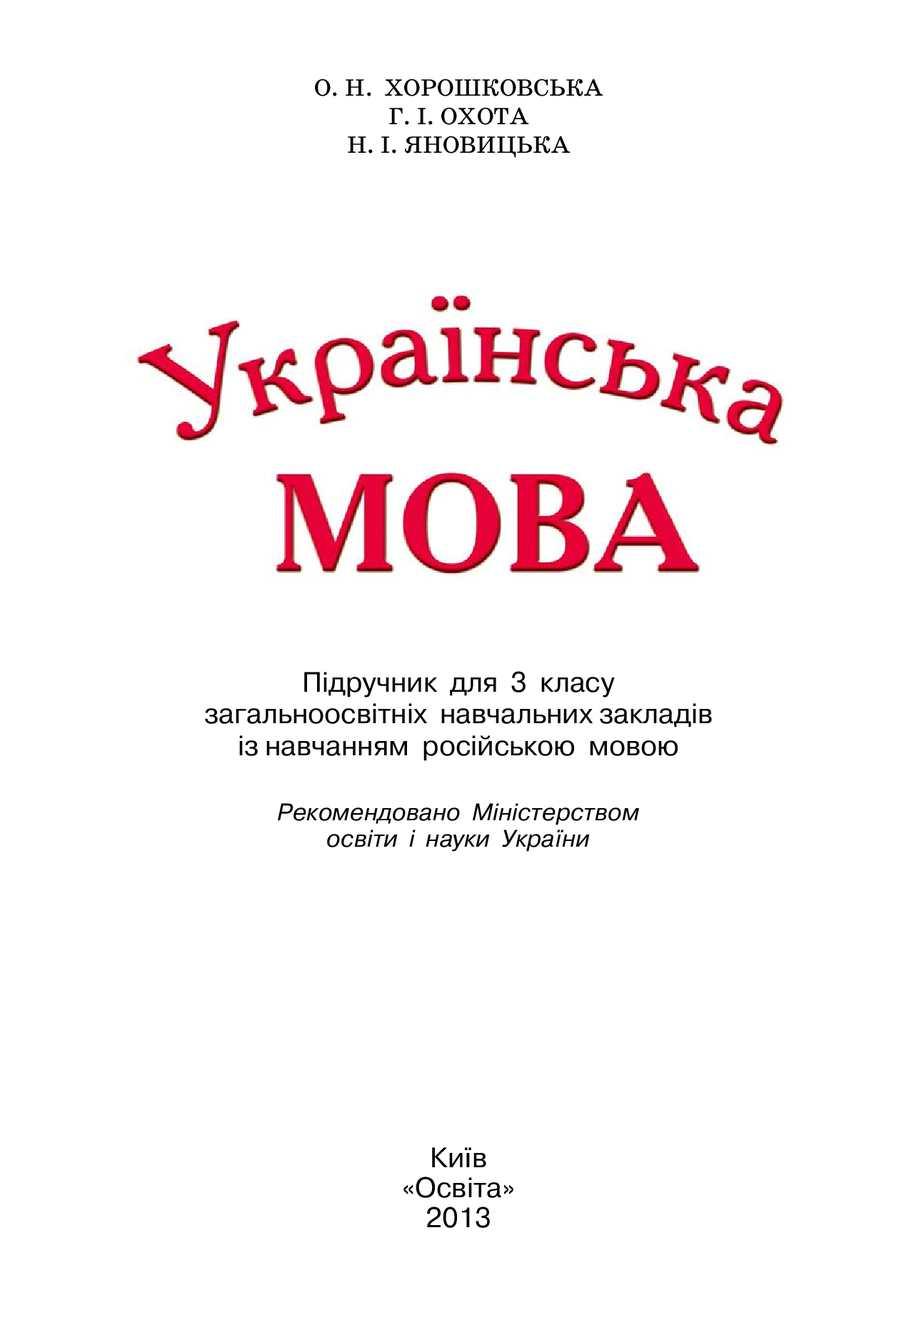 Calaméo - Ukrainska Mova 3klas Horoshkovska f02d2553c62f8